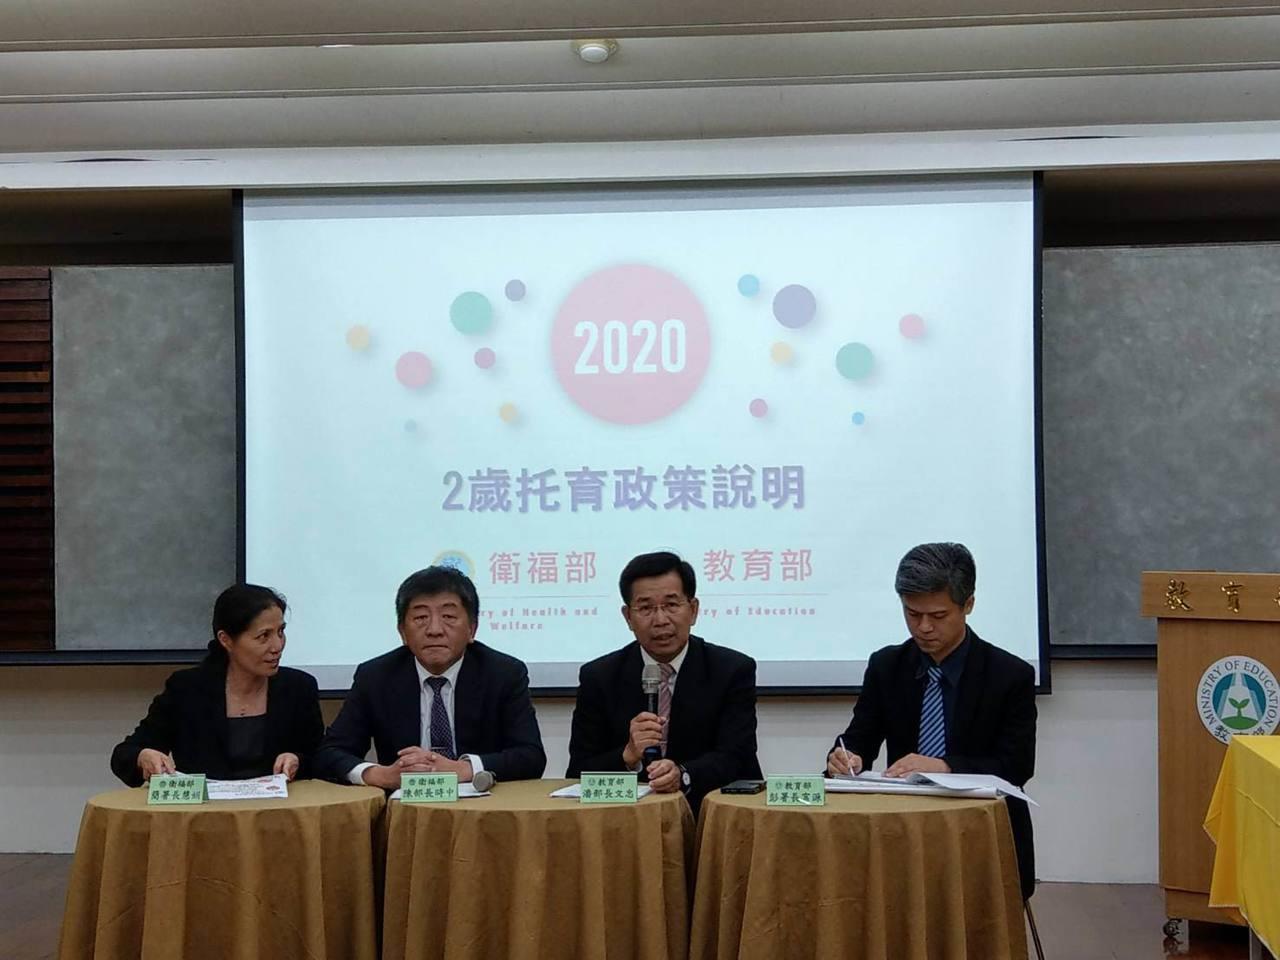 衛福部長陳時中(左二)、教育部長潘文忠(右二)下午在教育部舉行記者會,宣布2-3...